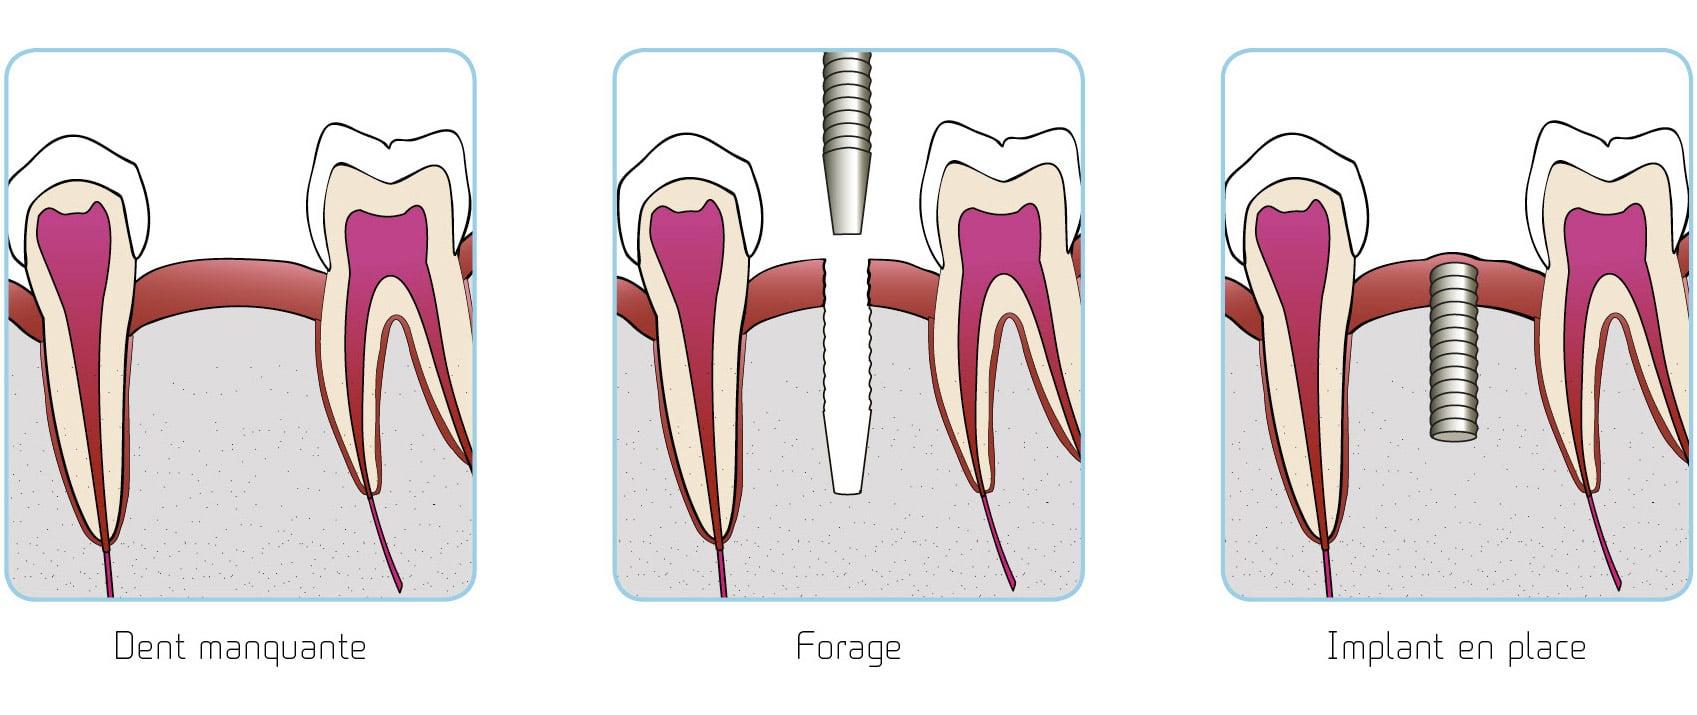 prothesiste dentaire lyon Dentidis, entreprise française basée sur lyon propose du matériel et des  fournitures aux professionnels de la santé: prothésistes dentaires, épithésistes,.